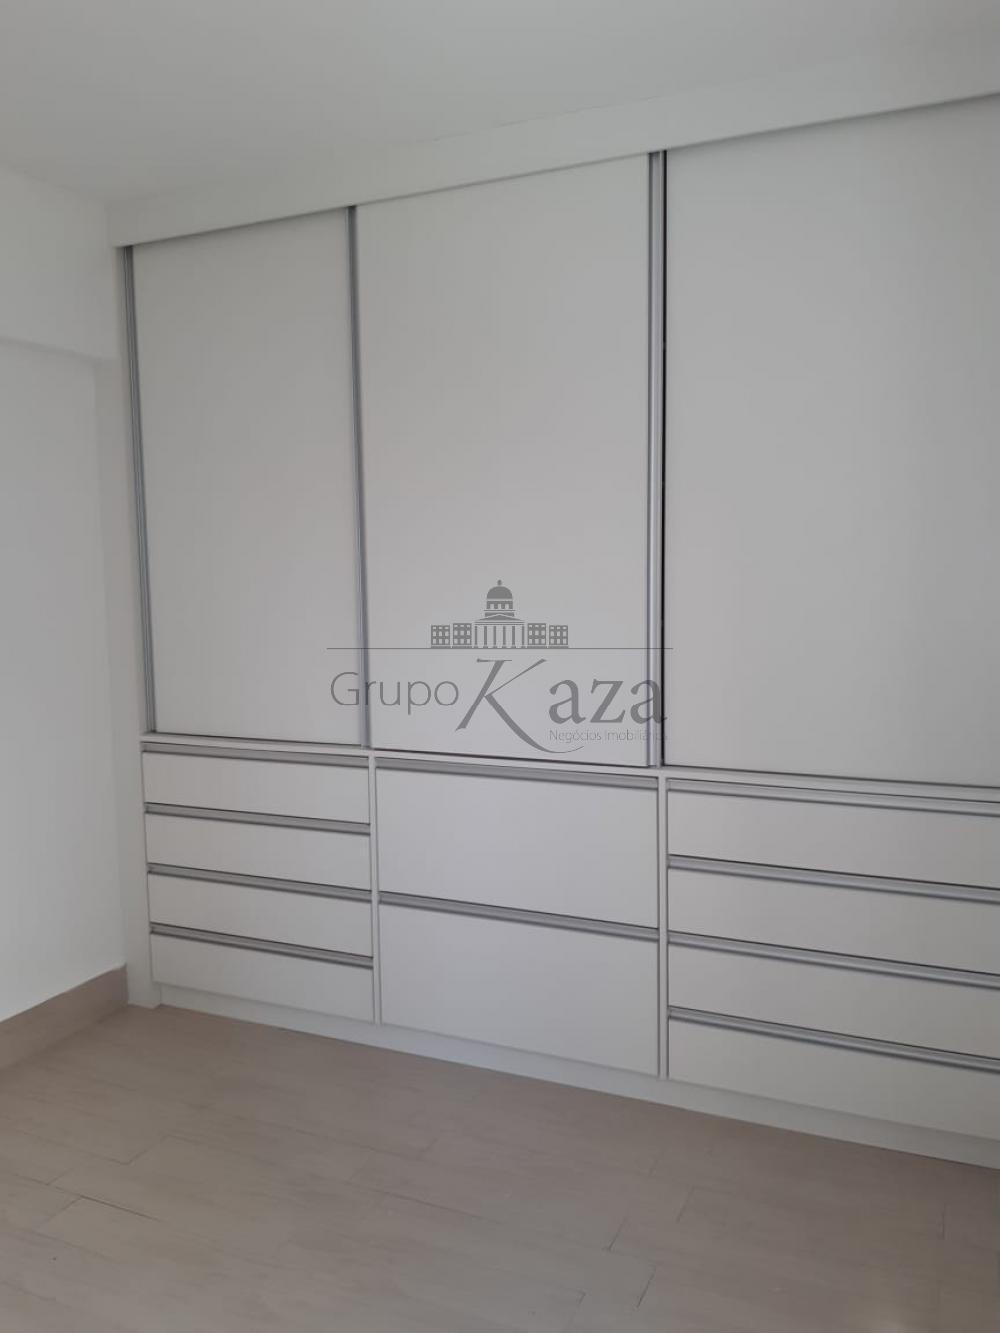 alt='Alugar Apartamento / Padrão em São José dos Campos R$ 2.400,00 - Foto 17' title='Alugar Apartamento / Padrão em São José dos Campos R$ 2.400,00 - Foto 17'